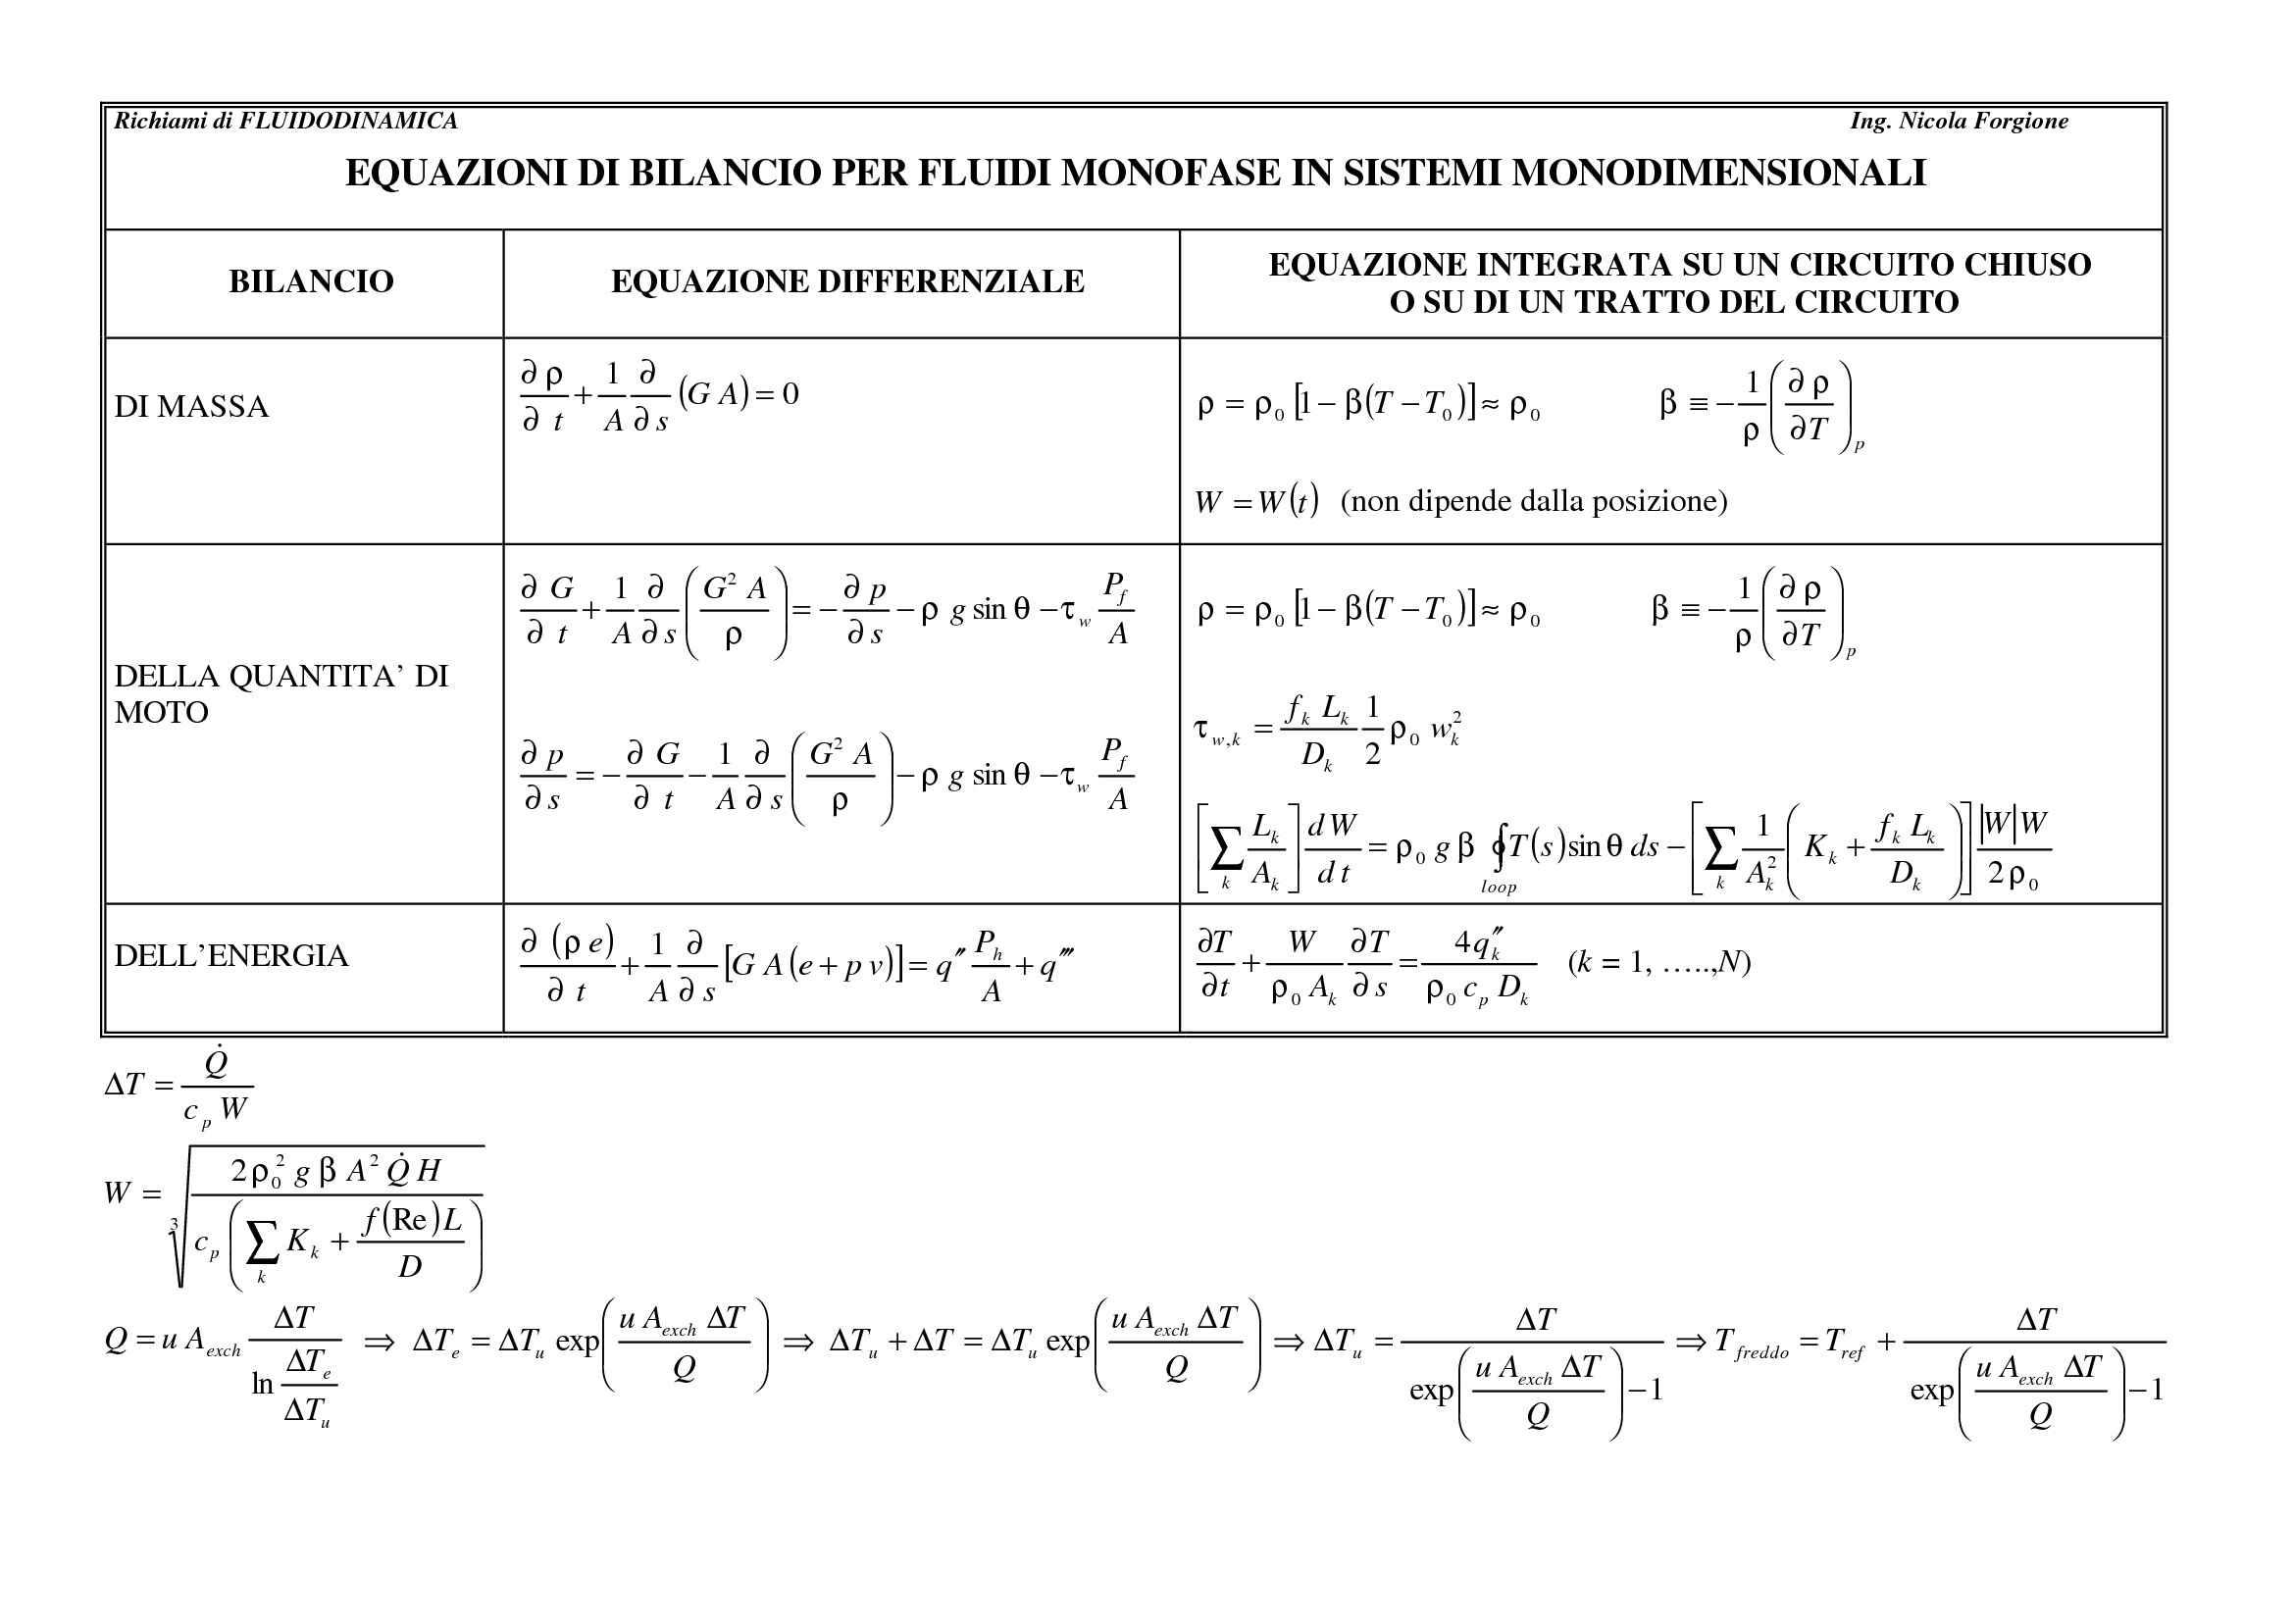 Equazioni di bilancio per fluidi monofase